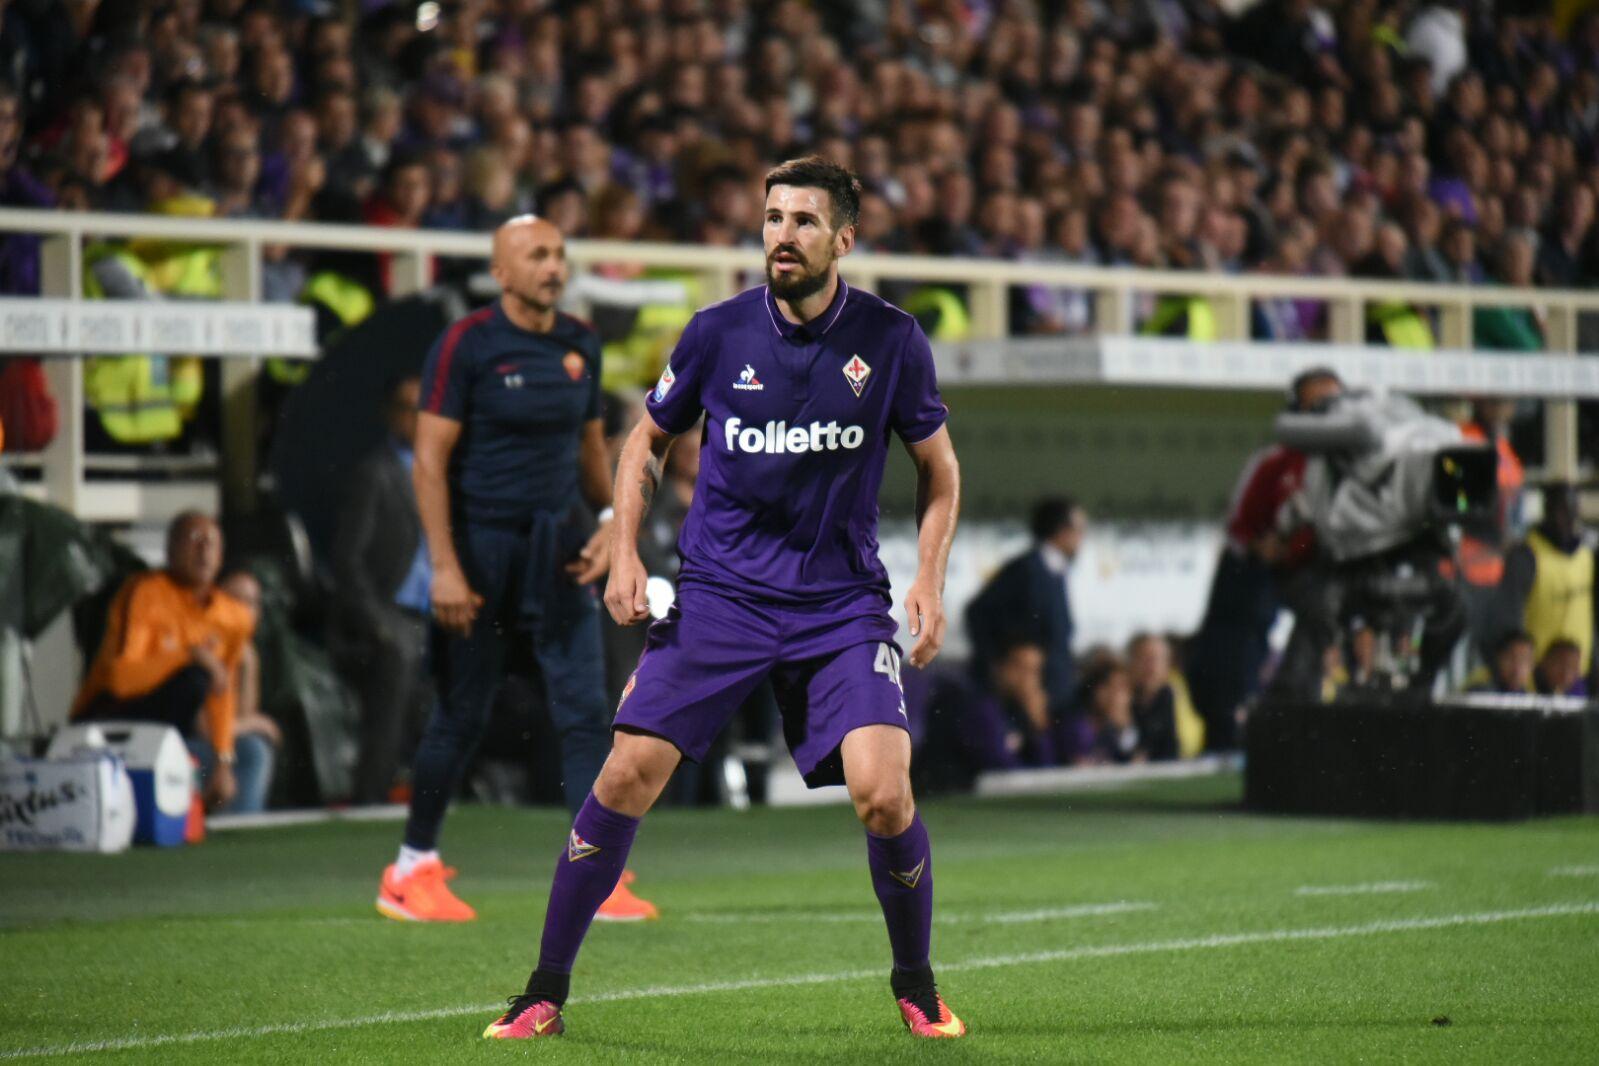 """Sanchez versione """"The Wall"""", Milic 10 polmoni. Che gol di Badelj! Le considerazioni di Fiorentina-Roma"""